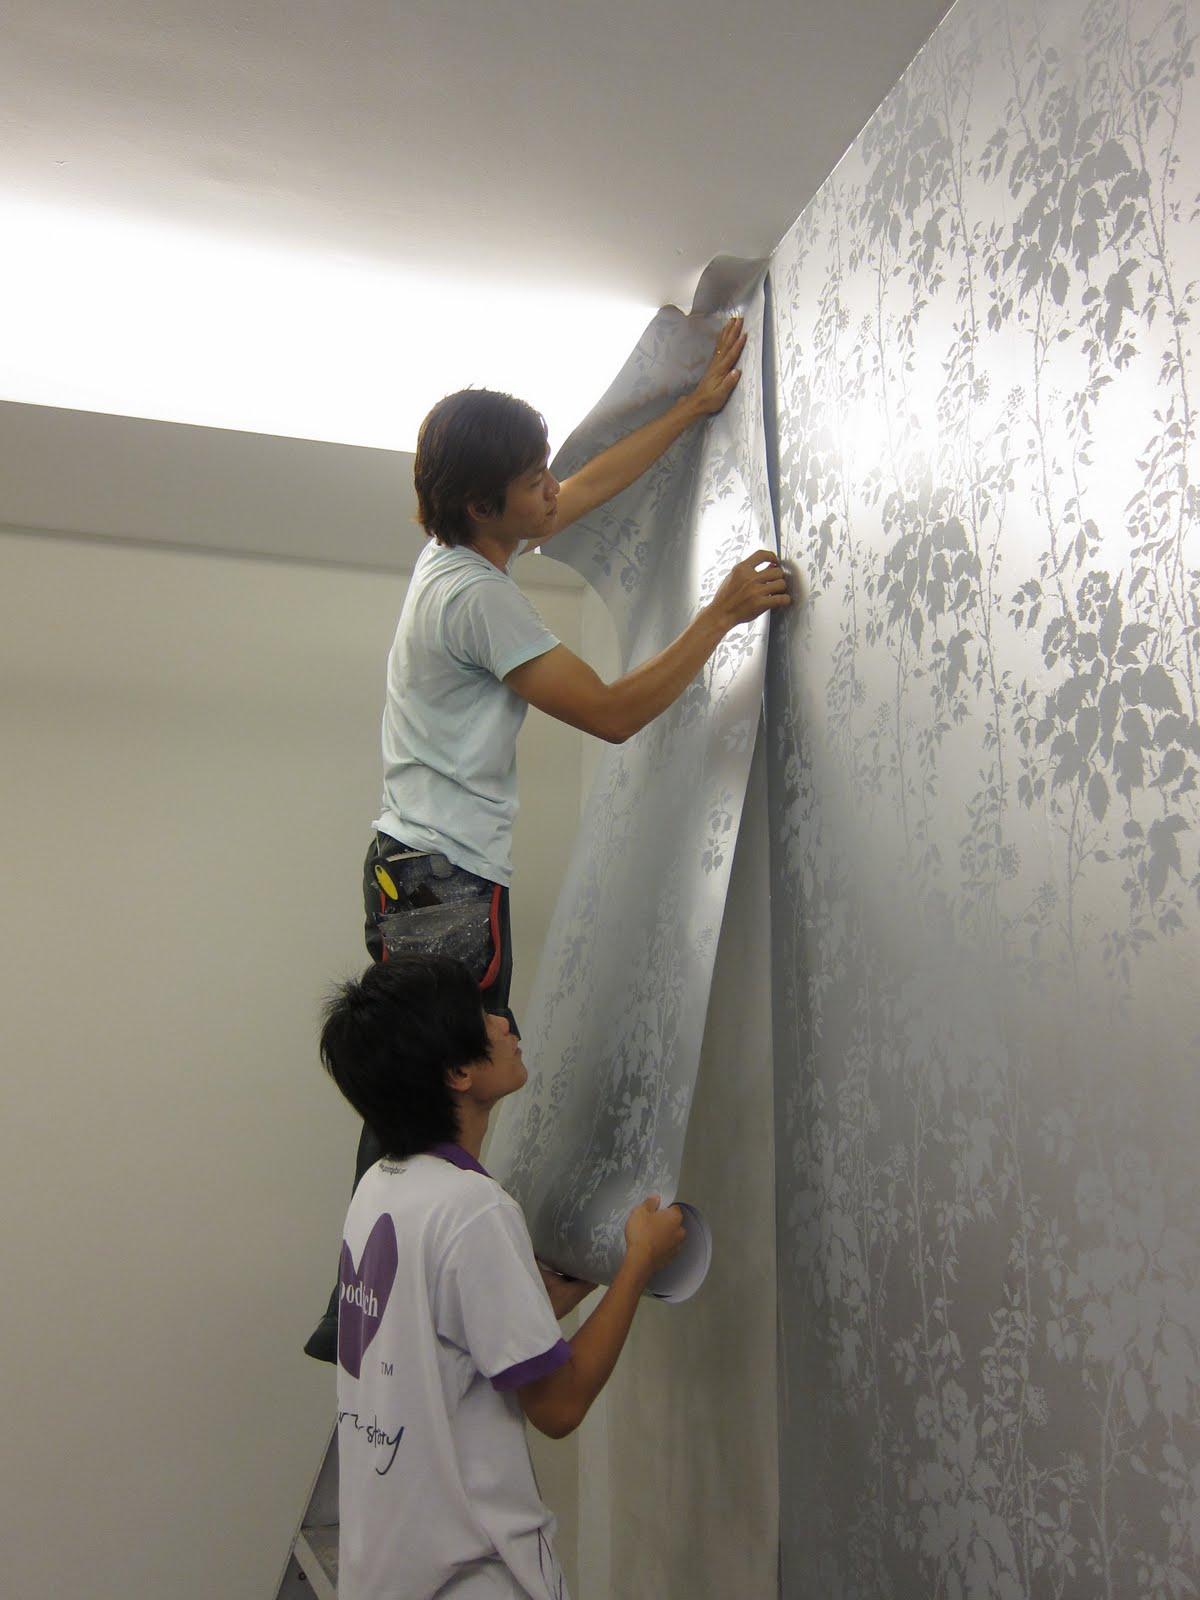 Làm sạch lớp giấy dán tường để sơn được màu chất lượng nhất.